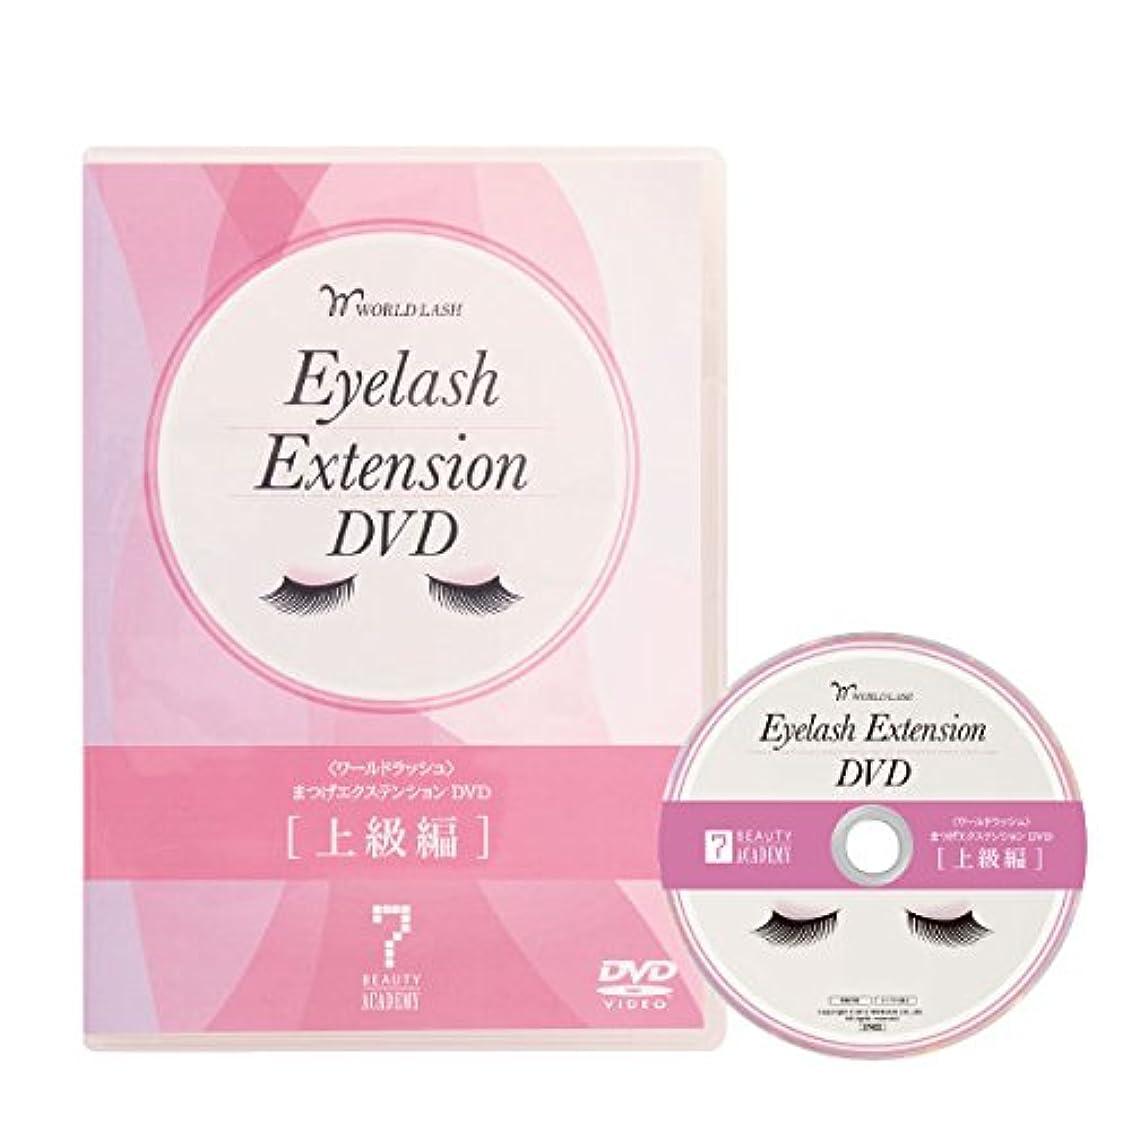 理想的ルー< WORLD LASH > まつげエクステンション DVD (上級編) [ 教材 テキスト DVD まつげエクステ まつ毛エクステ まつエク マツエク サロン用 ]